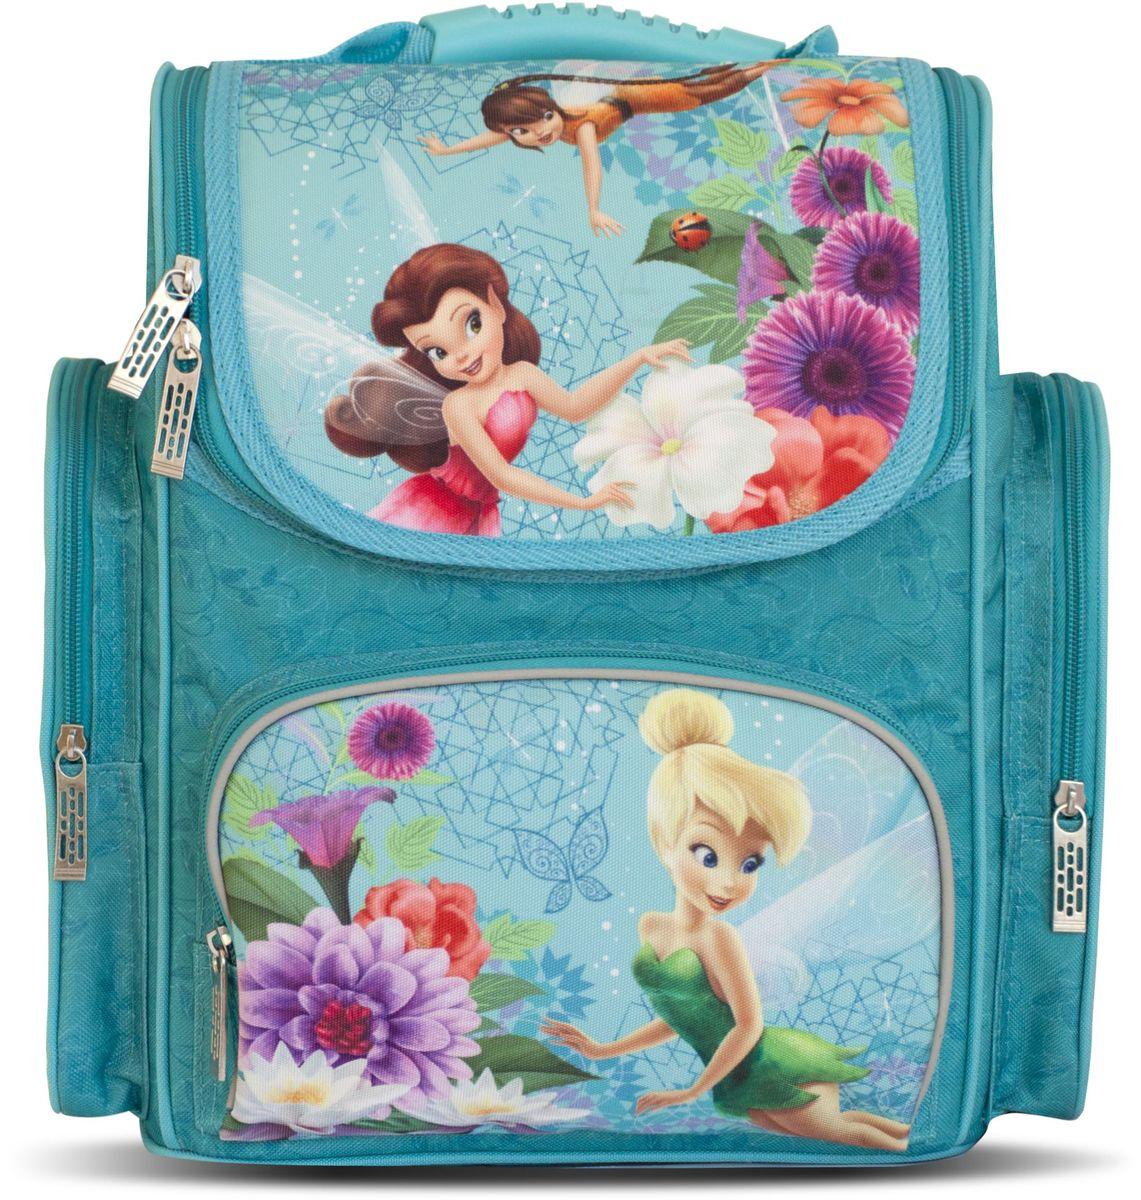 Disney Ранец школьный Феи29172Школьный ранец Disney Феи - это и красивый аксессуар, и удобный помощник. Ранец имеет прочный каркас, поэтому вещи в нем не деформируются. Изделие имеет одно основное отделение на застежке-молнии. Внутри находятся два мягких разделителя для тетрадей и учебников, фиксирующиеся на хлястик с липучкой и кармашек для личной карточки. Дно ранца можно сделать жестким, разложив специальную панель с пластиковой вставкой, что повышает сохранность содержимого ранца и способствует правильному распределению нагрузки. На лицевой стороне находится карман на молнии. Ранец оснащен двумя боковыми карманами на застежках-молниях. Ортопедическая спинка, созданная по специальной технологии из дышащего материала, равномерно распределяет нагрузку на позвоночник. Мягкие регулируемые лямки имеют удлиненные держатели для облегчения фиксации длины. Светоотражающие элементы на лямках и лицевом кармане повышают безопасность ребенка в темное время суток. Эргономичная ручка удобна...